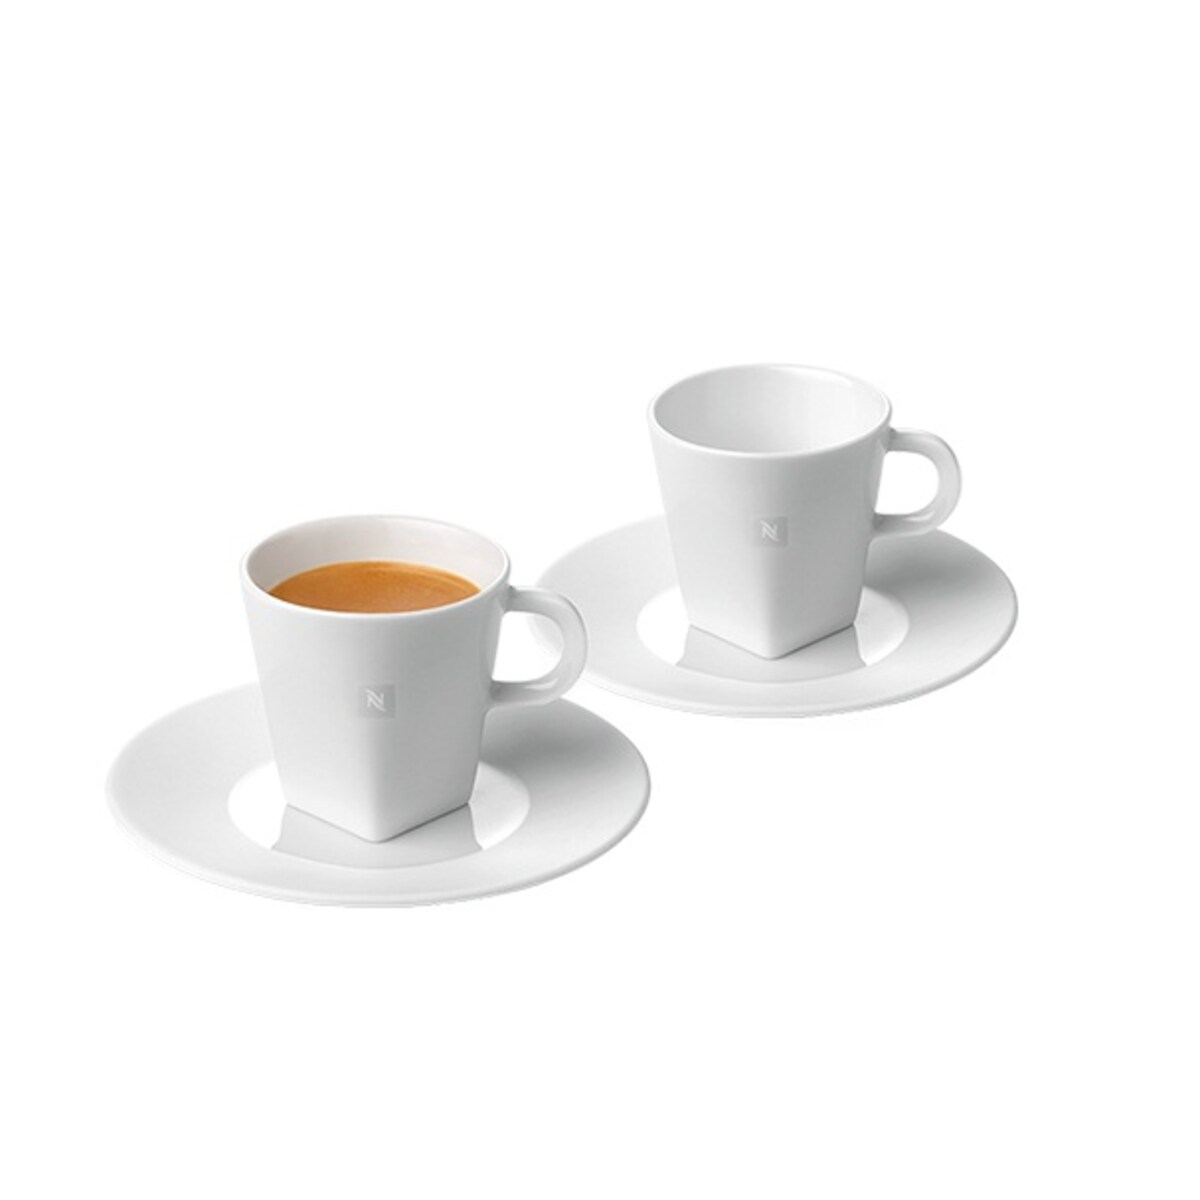 Nespresso Pure Espresso Collection - Комплект чаши за еспресо, 2бр